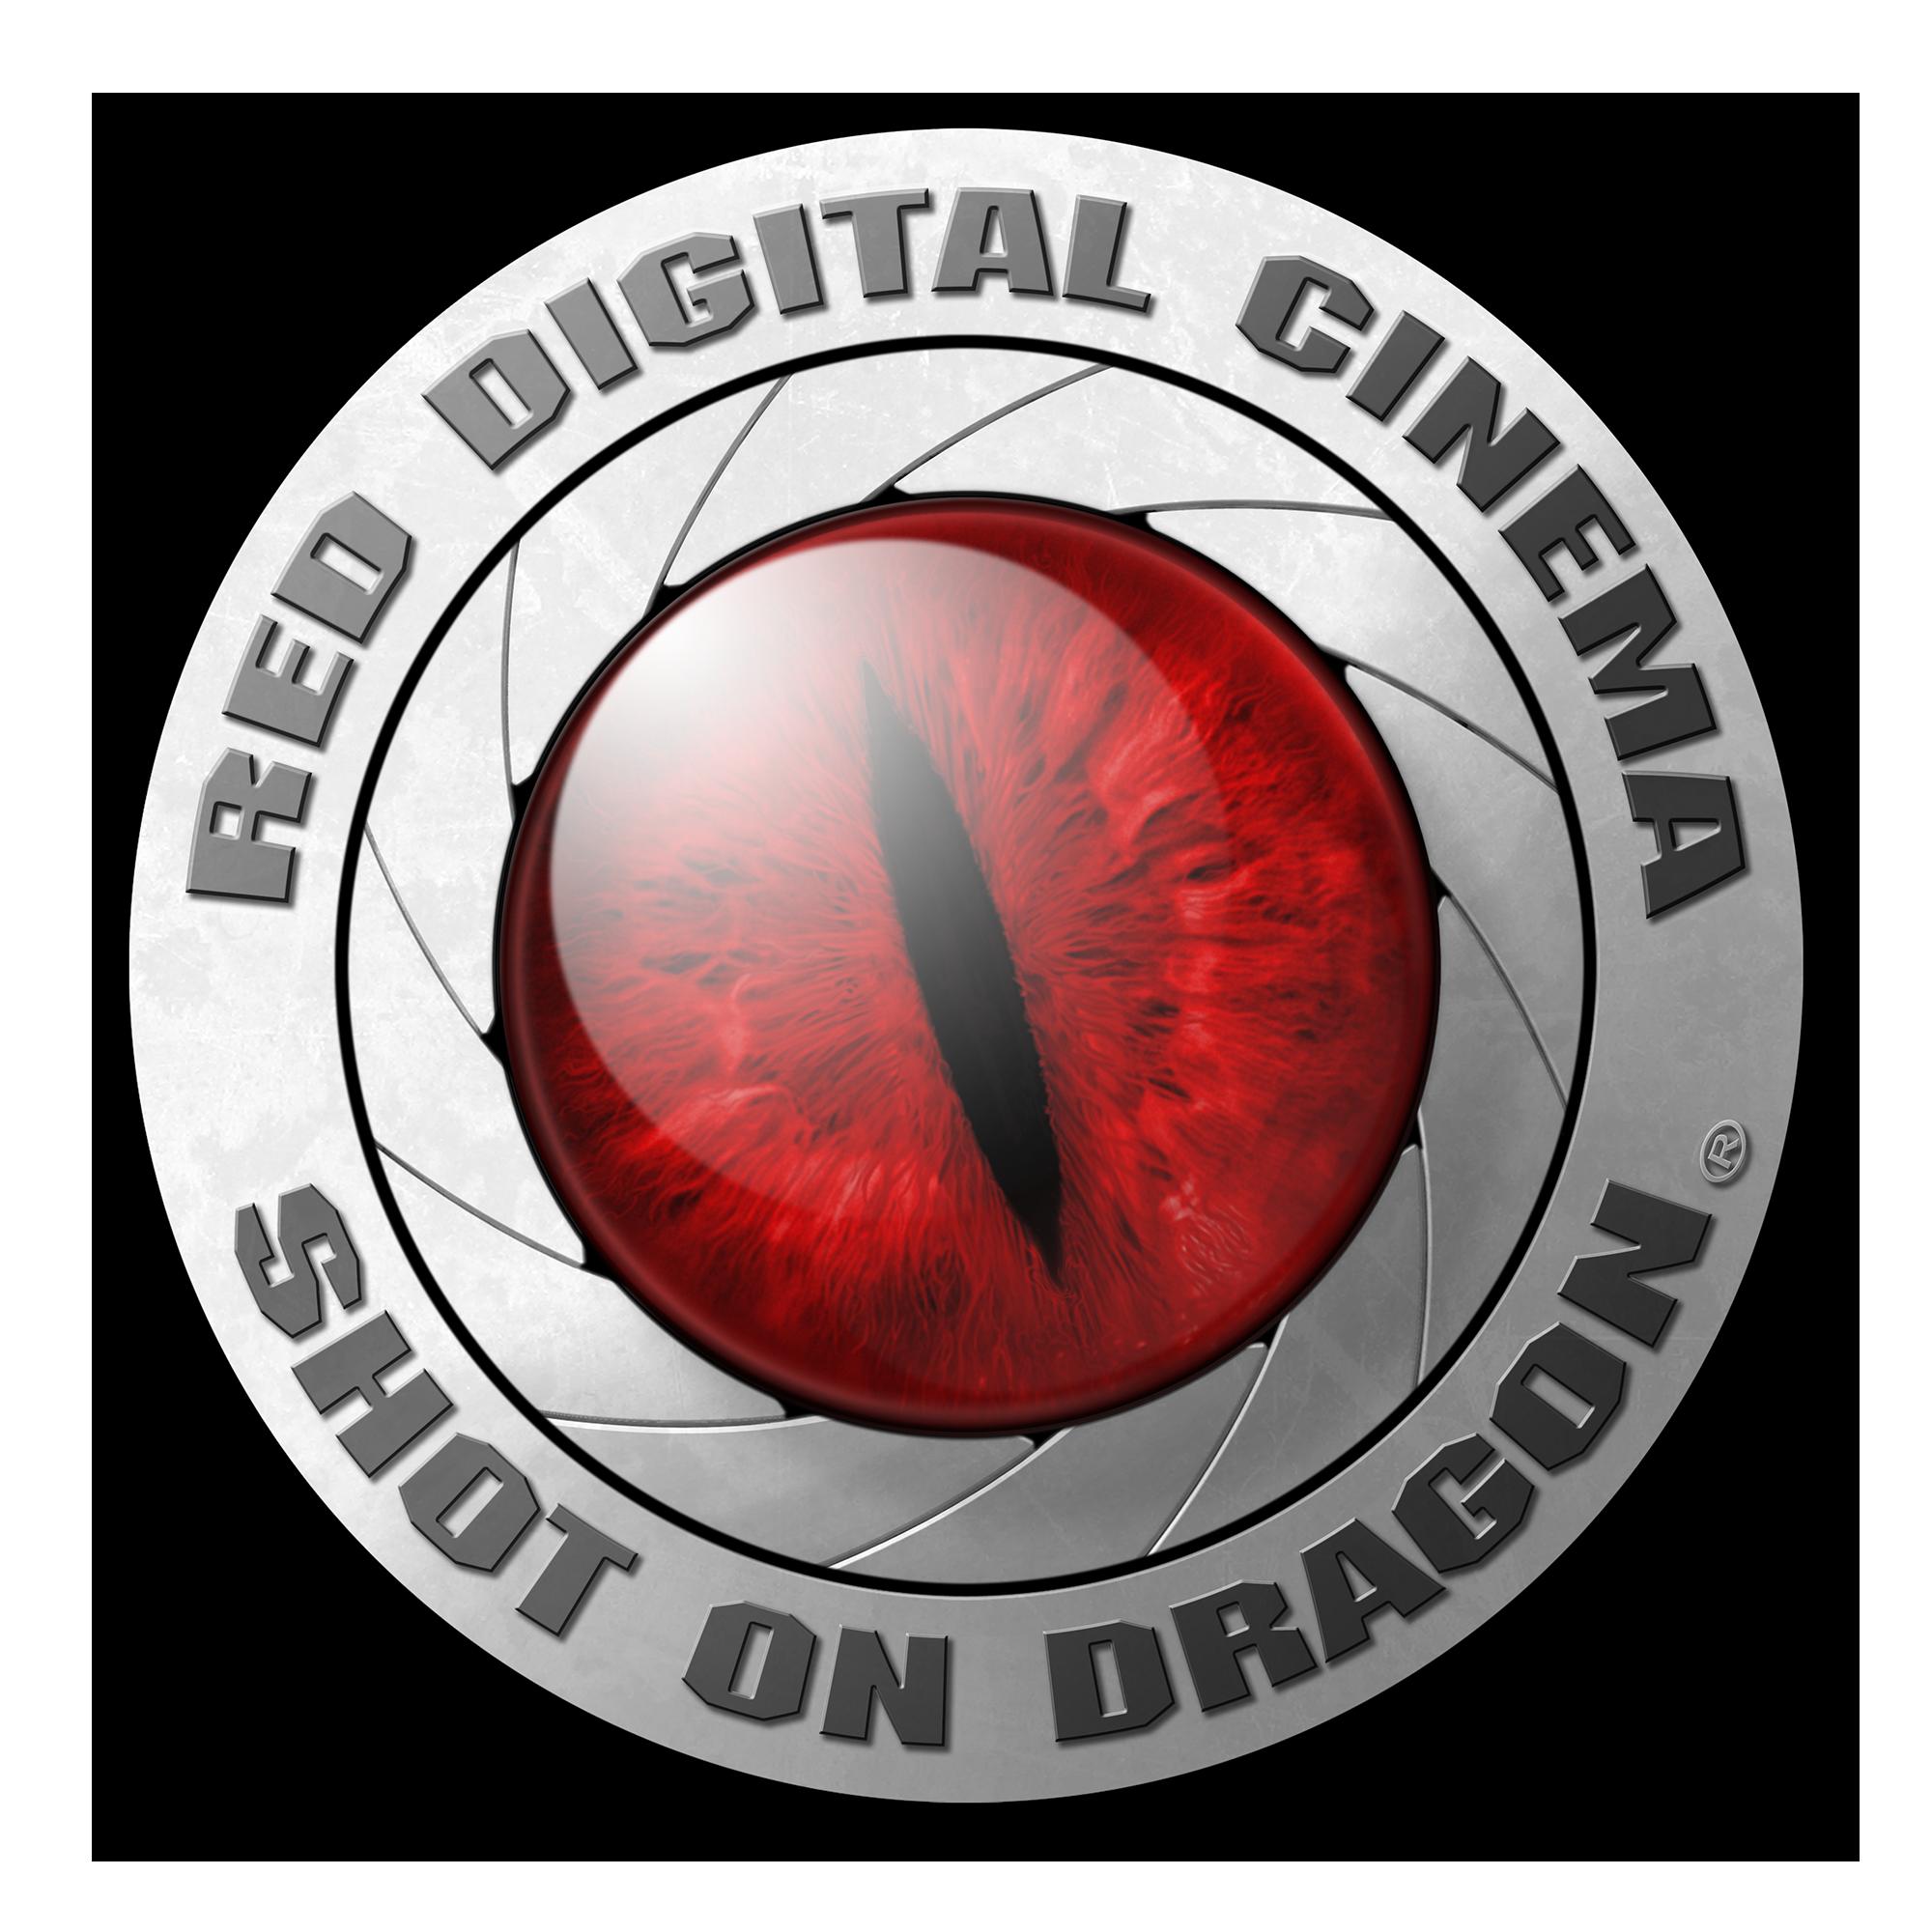 Shot On Dragon Logo Logos Red Digital Cinema Red Dragon